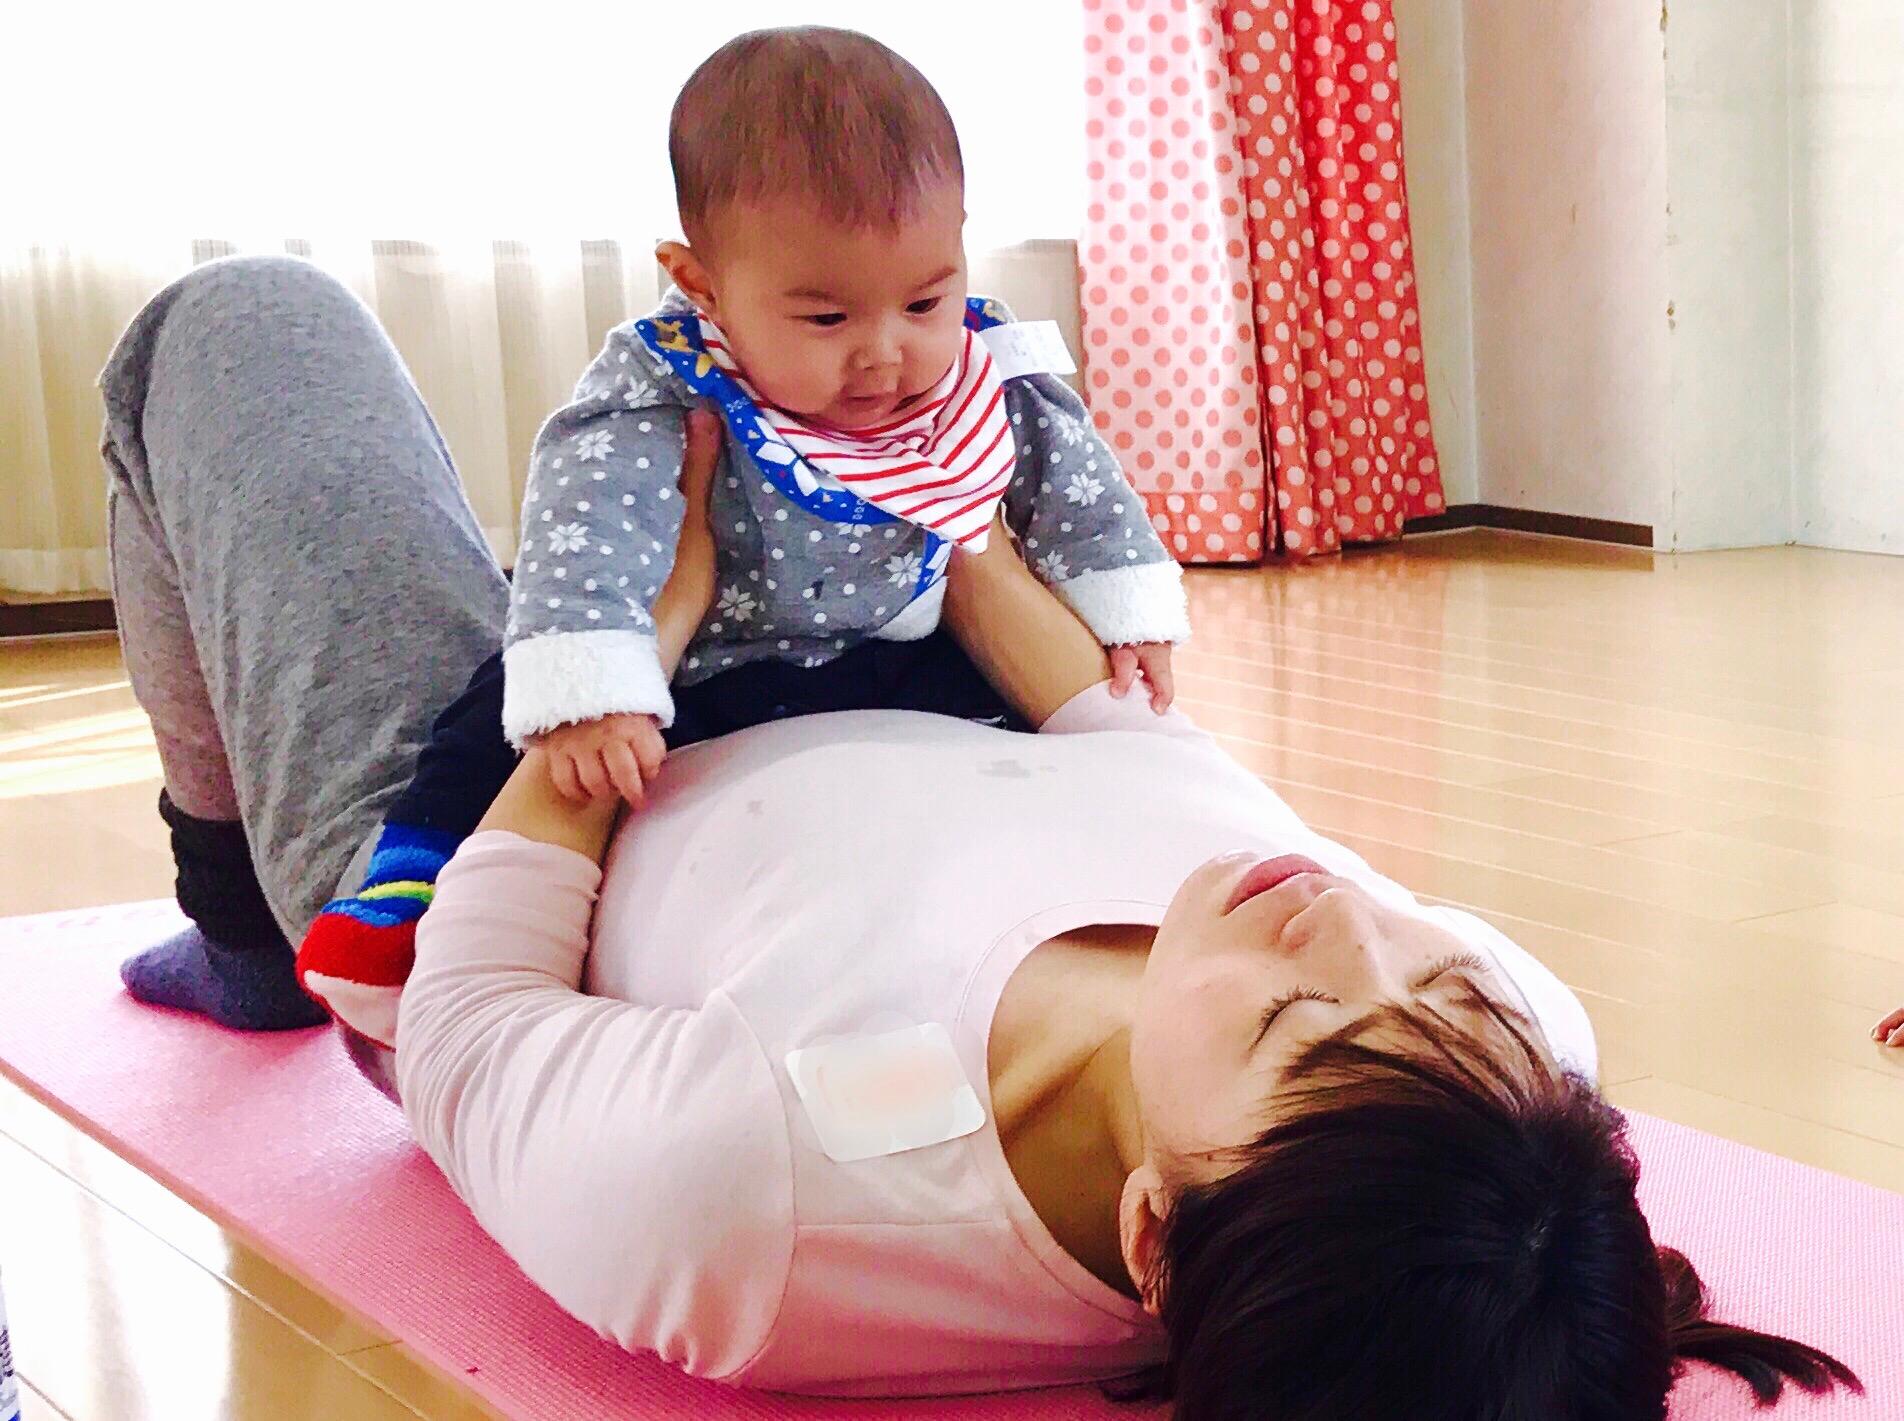 「産後ケアをやらなくちゃ」よりも、やりたい気持ちを大切に!